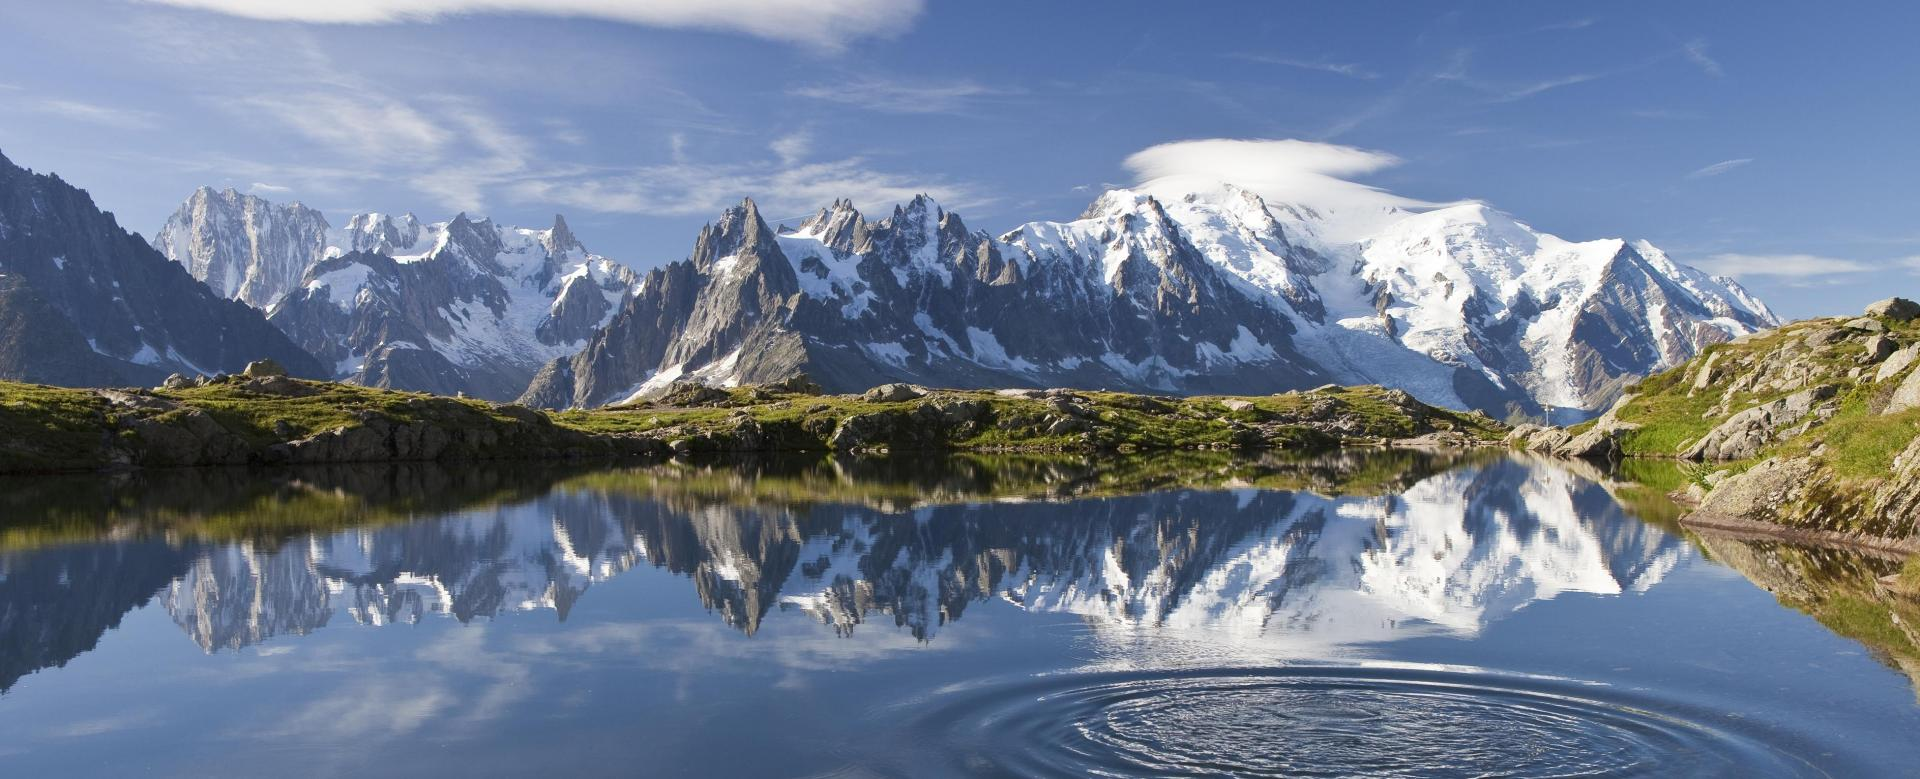 Voyage à pied France : Le tour du mont-blanc en 7 jours